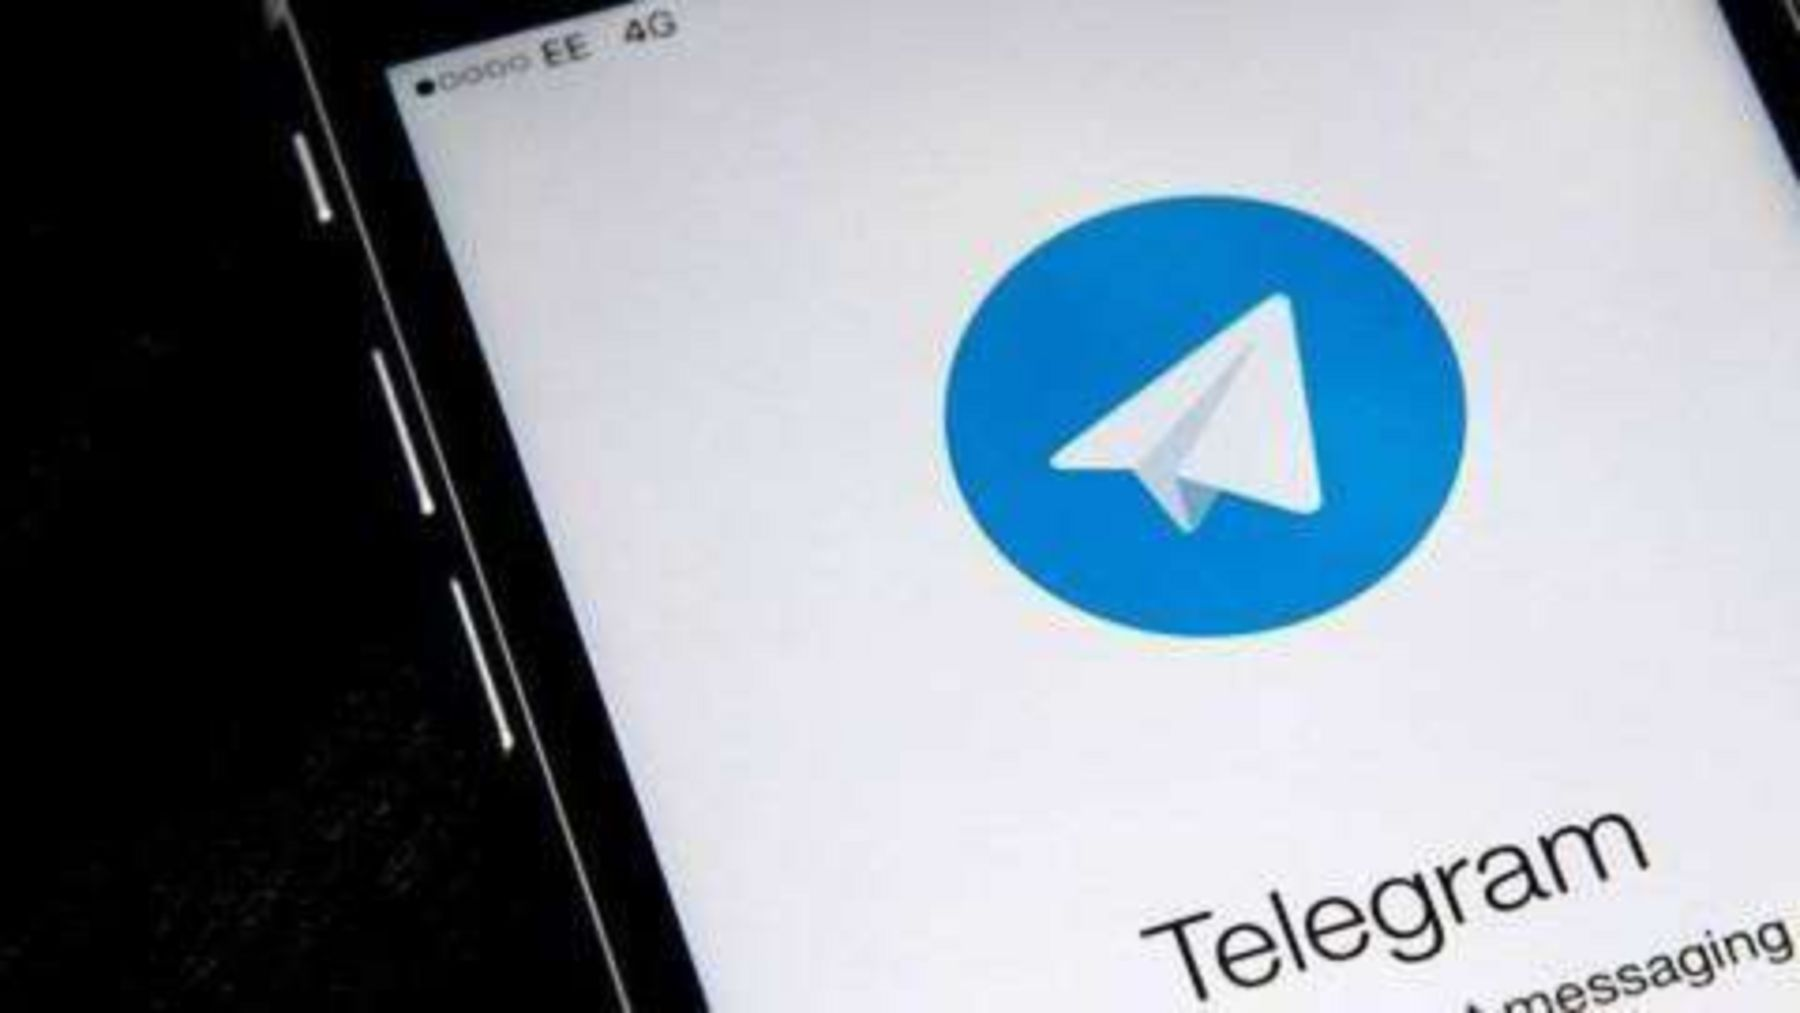 Tips Mengirim Pesan Melalui Telegram Tanpa Harus Menyimpan Nomor Kontak Tips Tricks